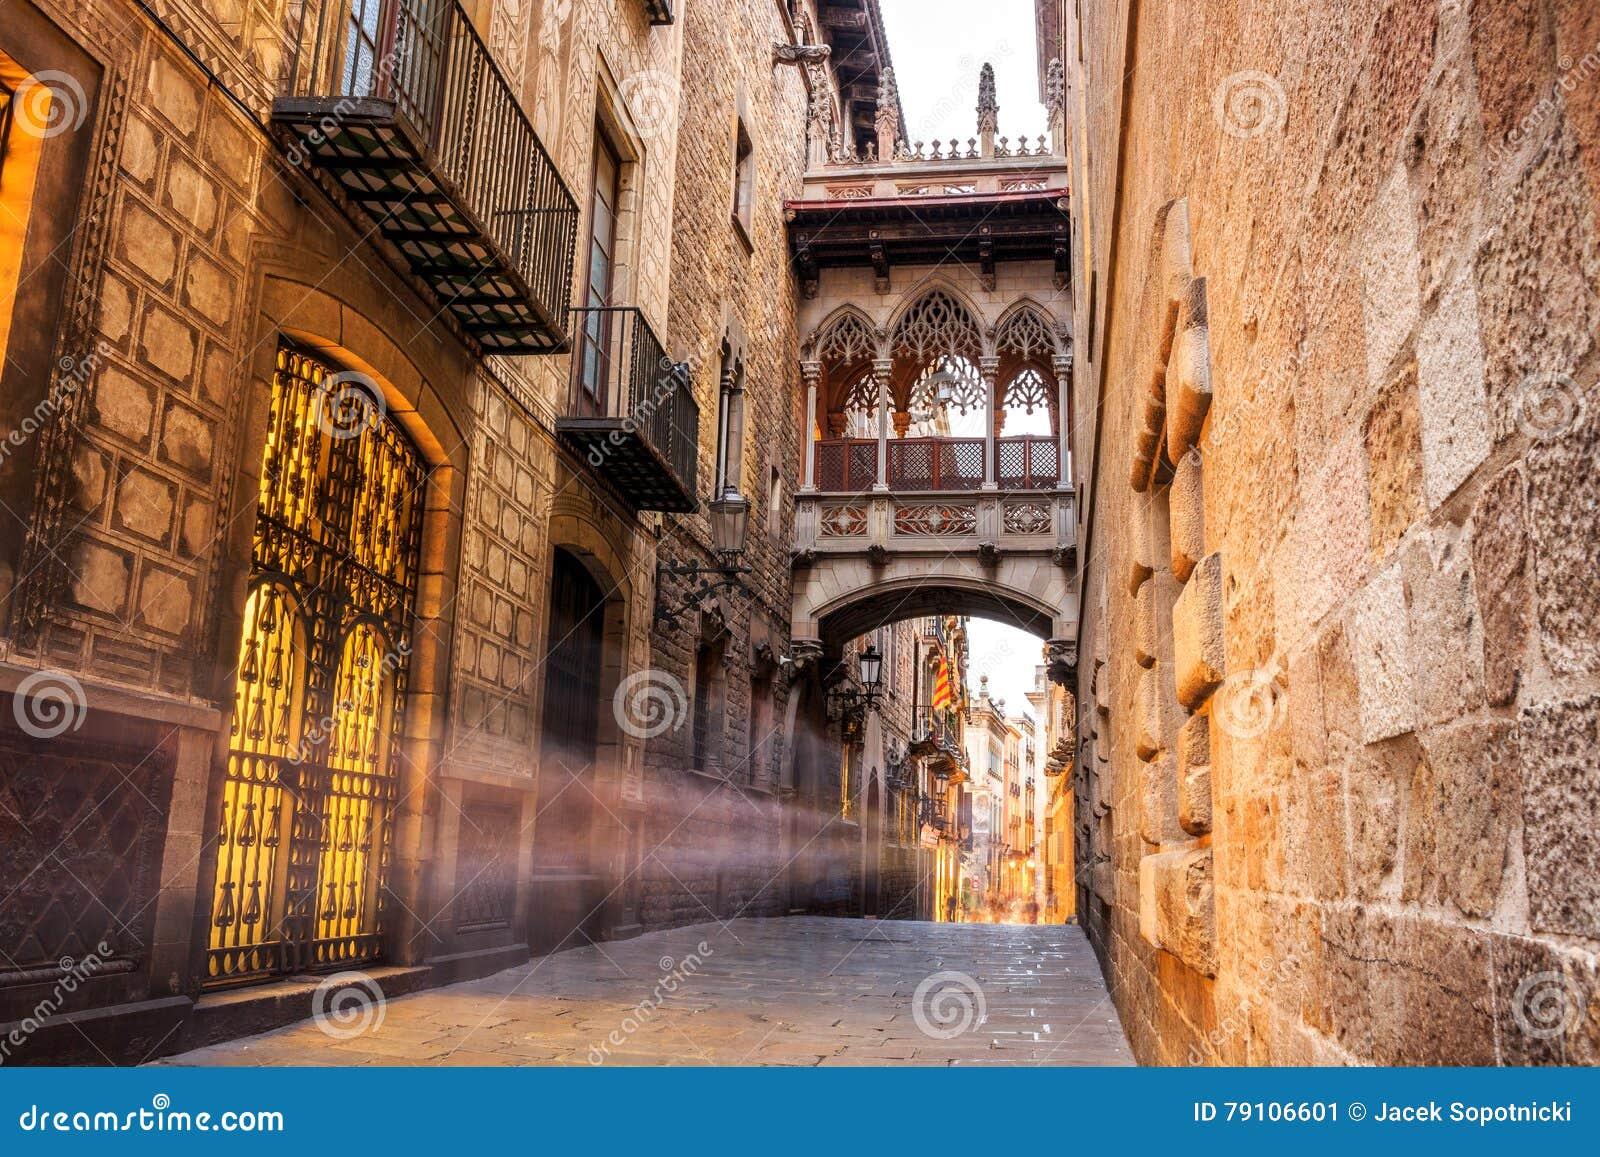 Cuarto de Barri Gotic de Barcelona, España